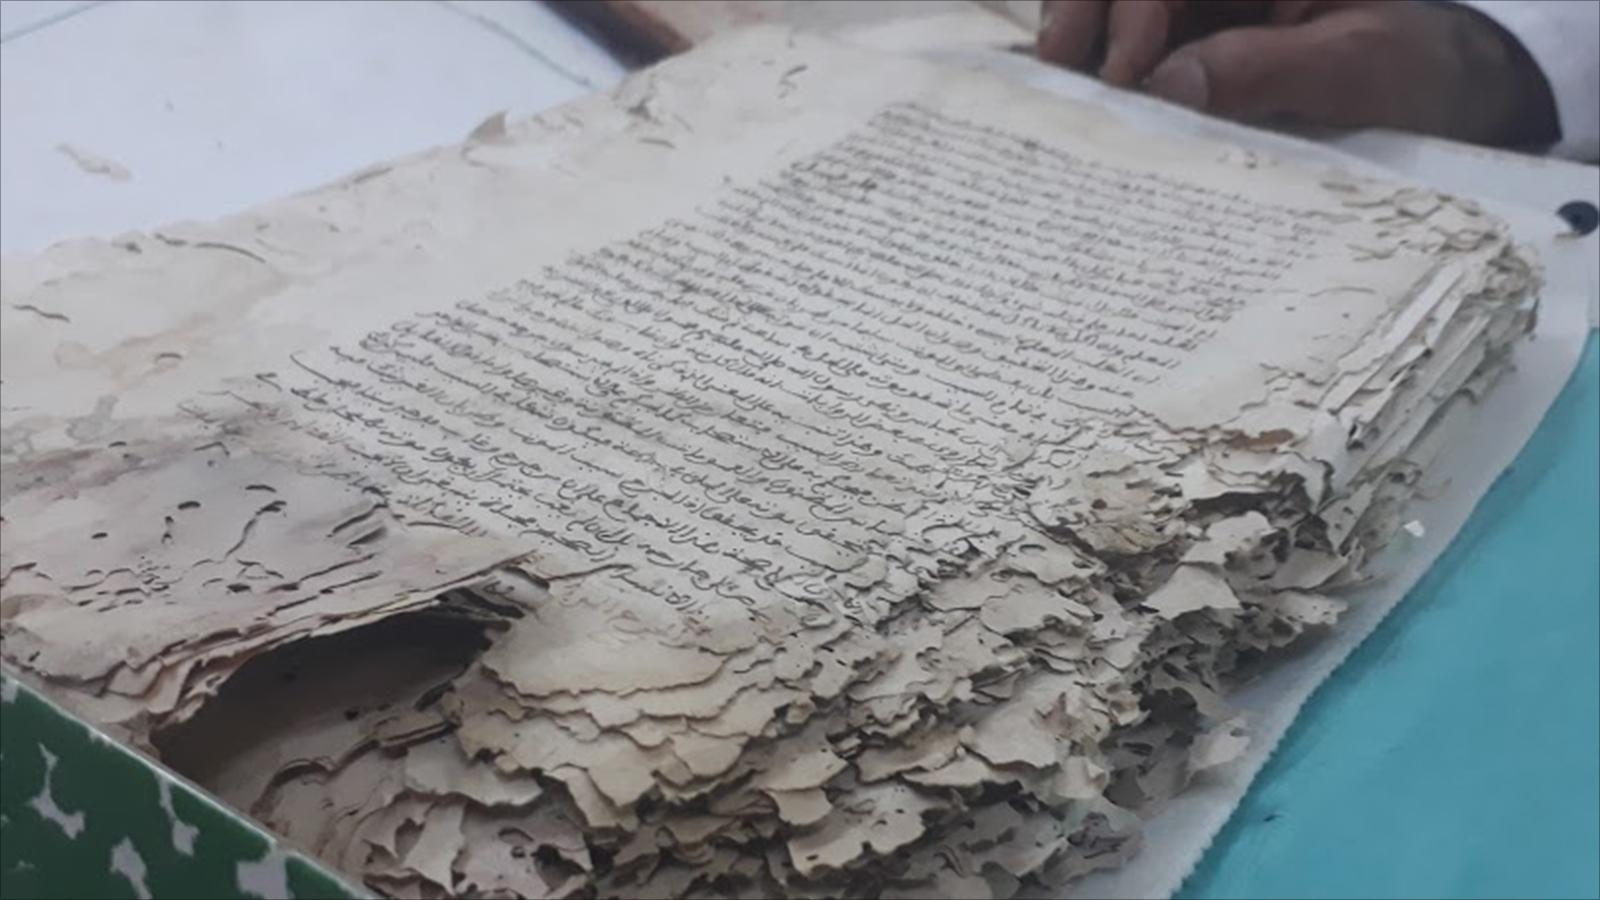 تجليد الكتب.. فن يدوي يقاوم الاندثار في تونس | تونس أخبار | الجزيرة نت